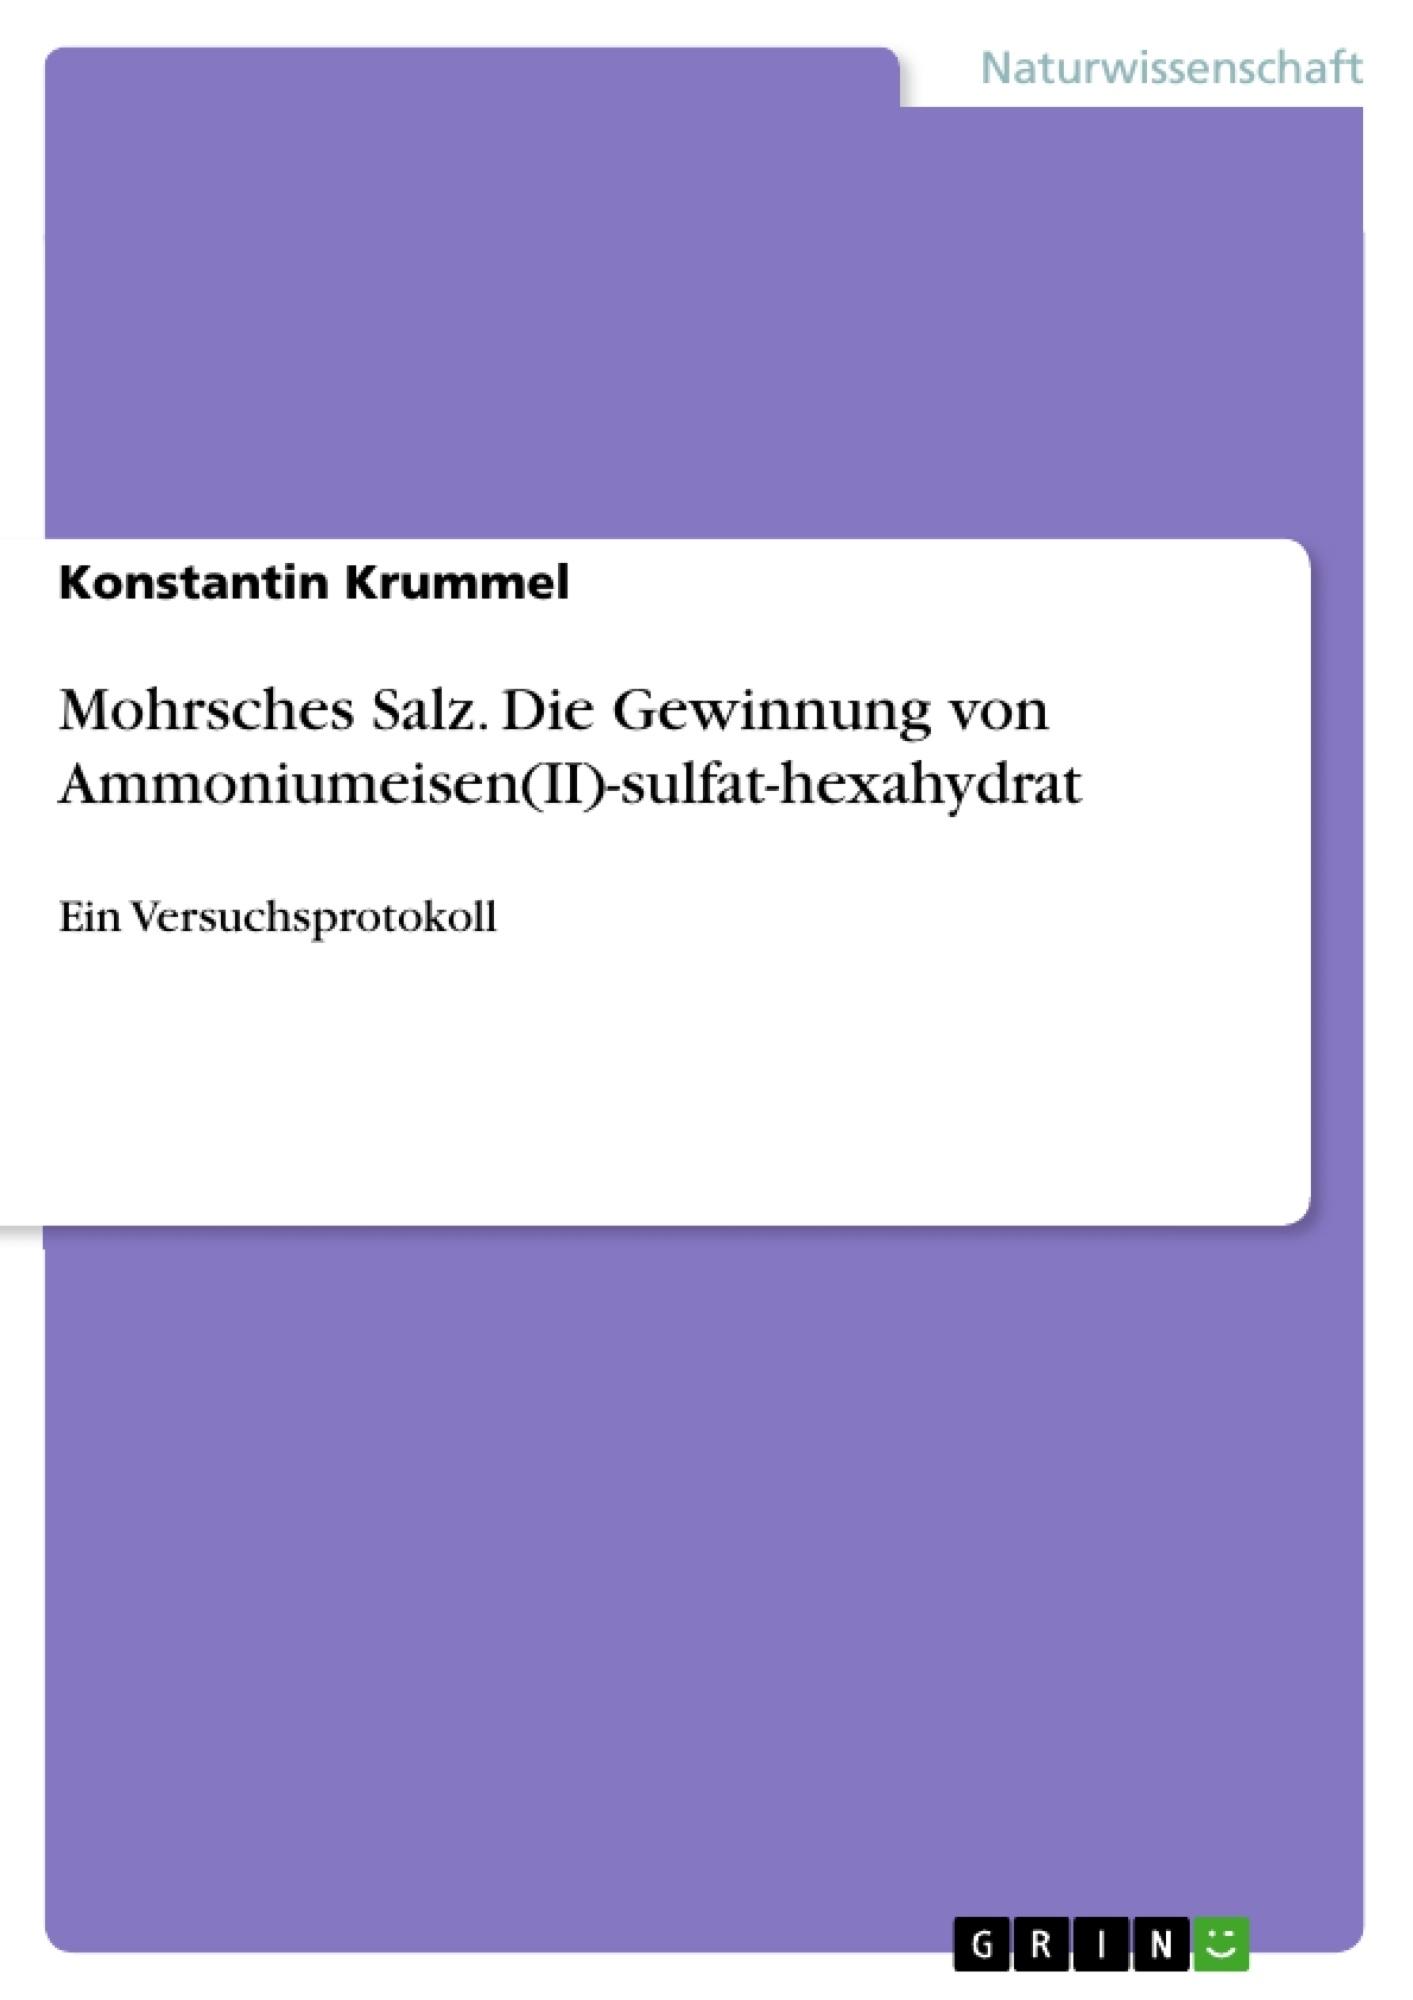 Titel: Mohrsches Salz. Die Gewinnung von Ammoniumeisen(II)-sulfat-hexahydrat